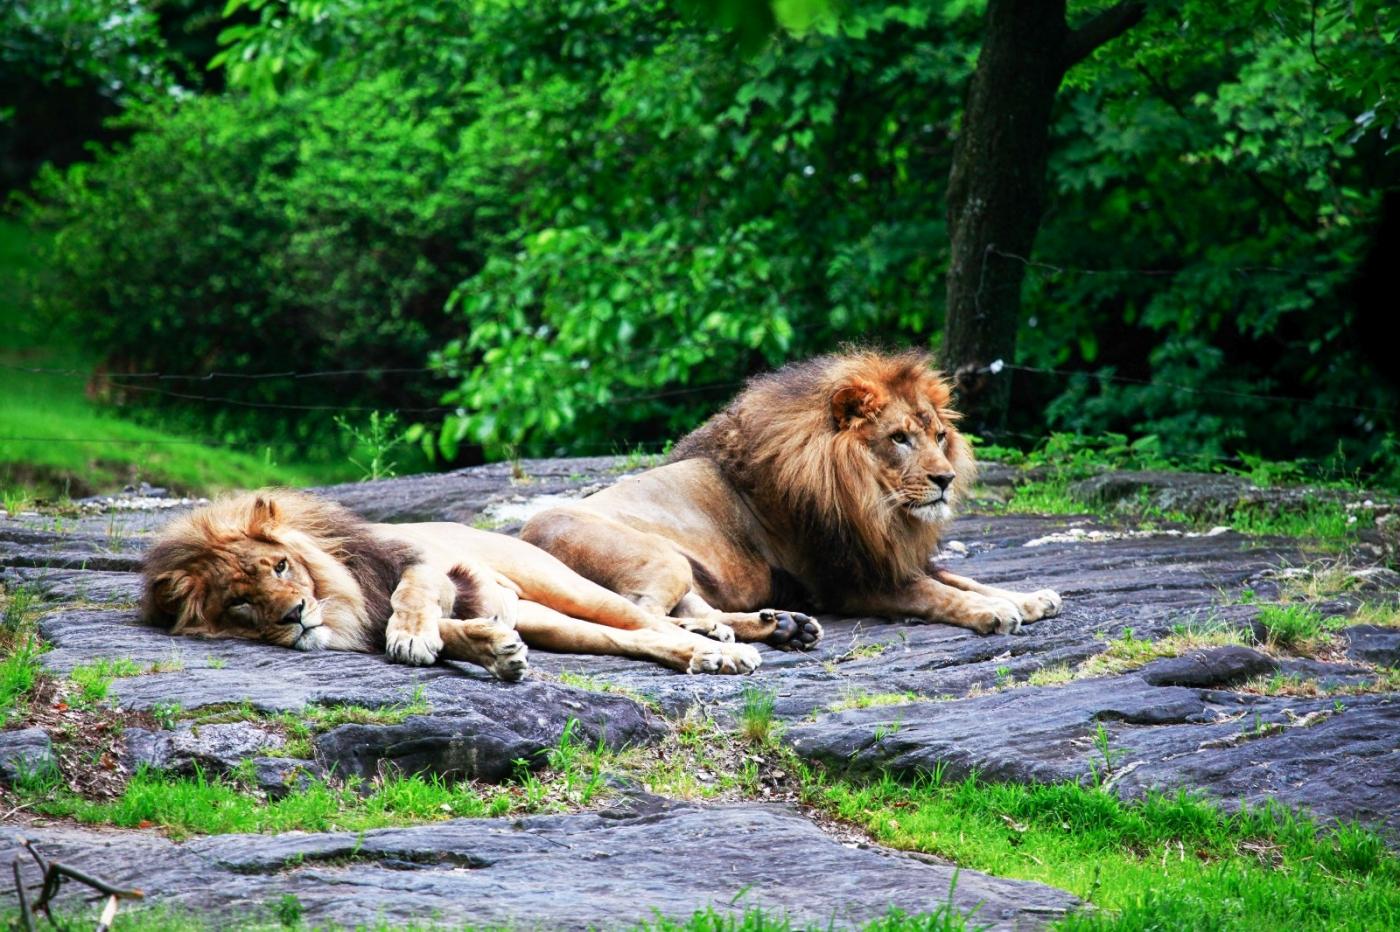 动物园花絮(摄于布朗士动物园,皇后区动物园)_图1-2